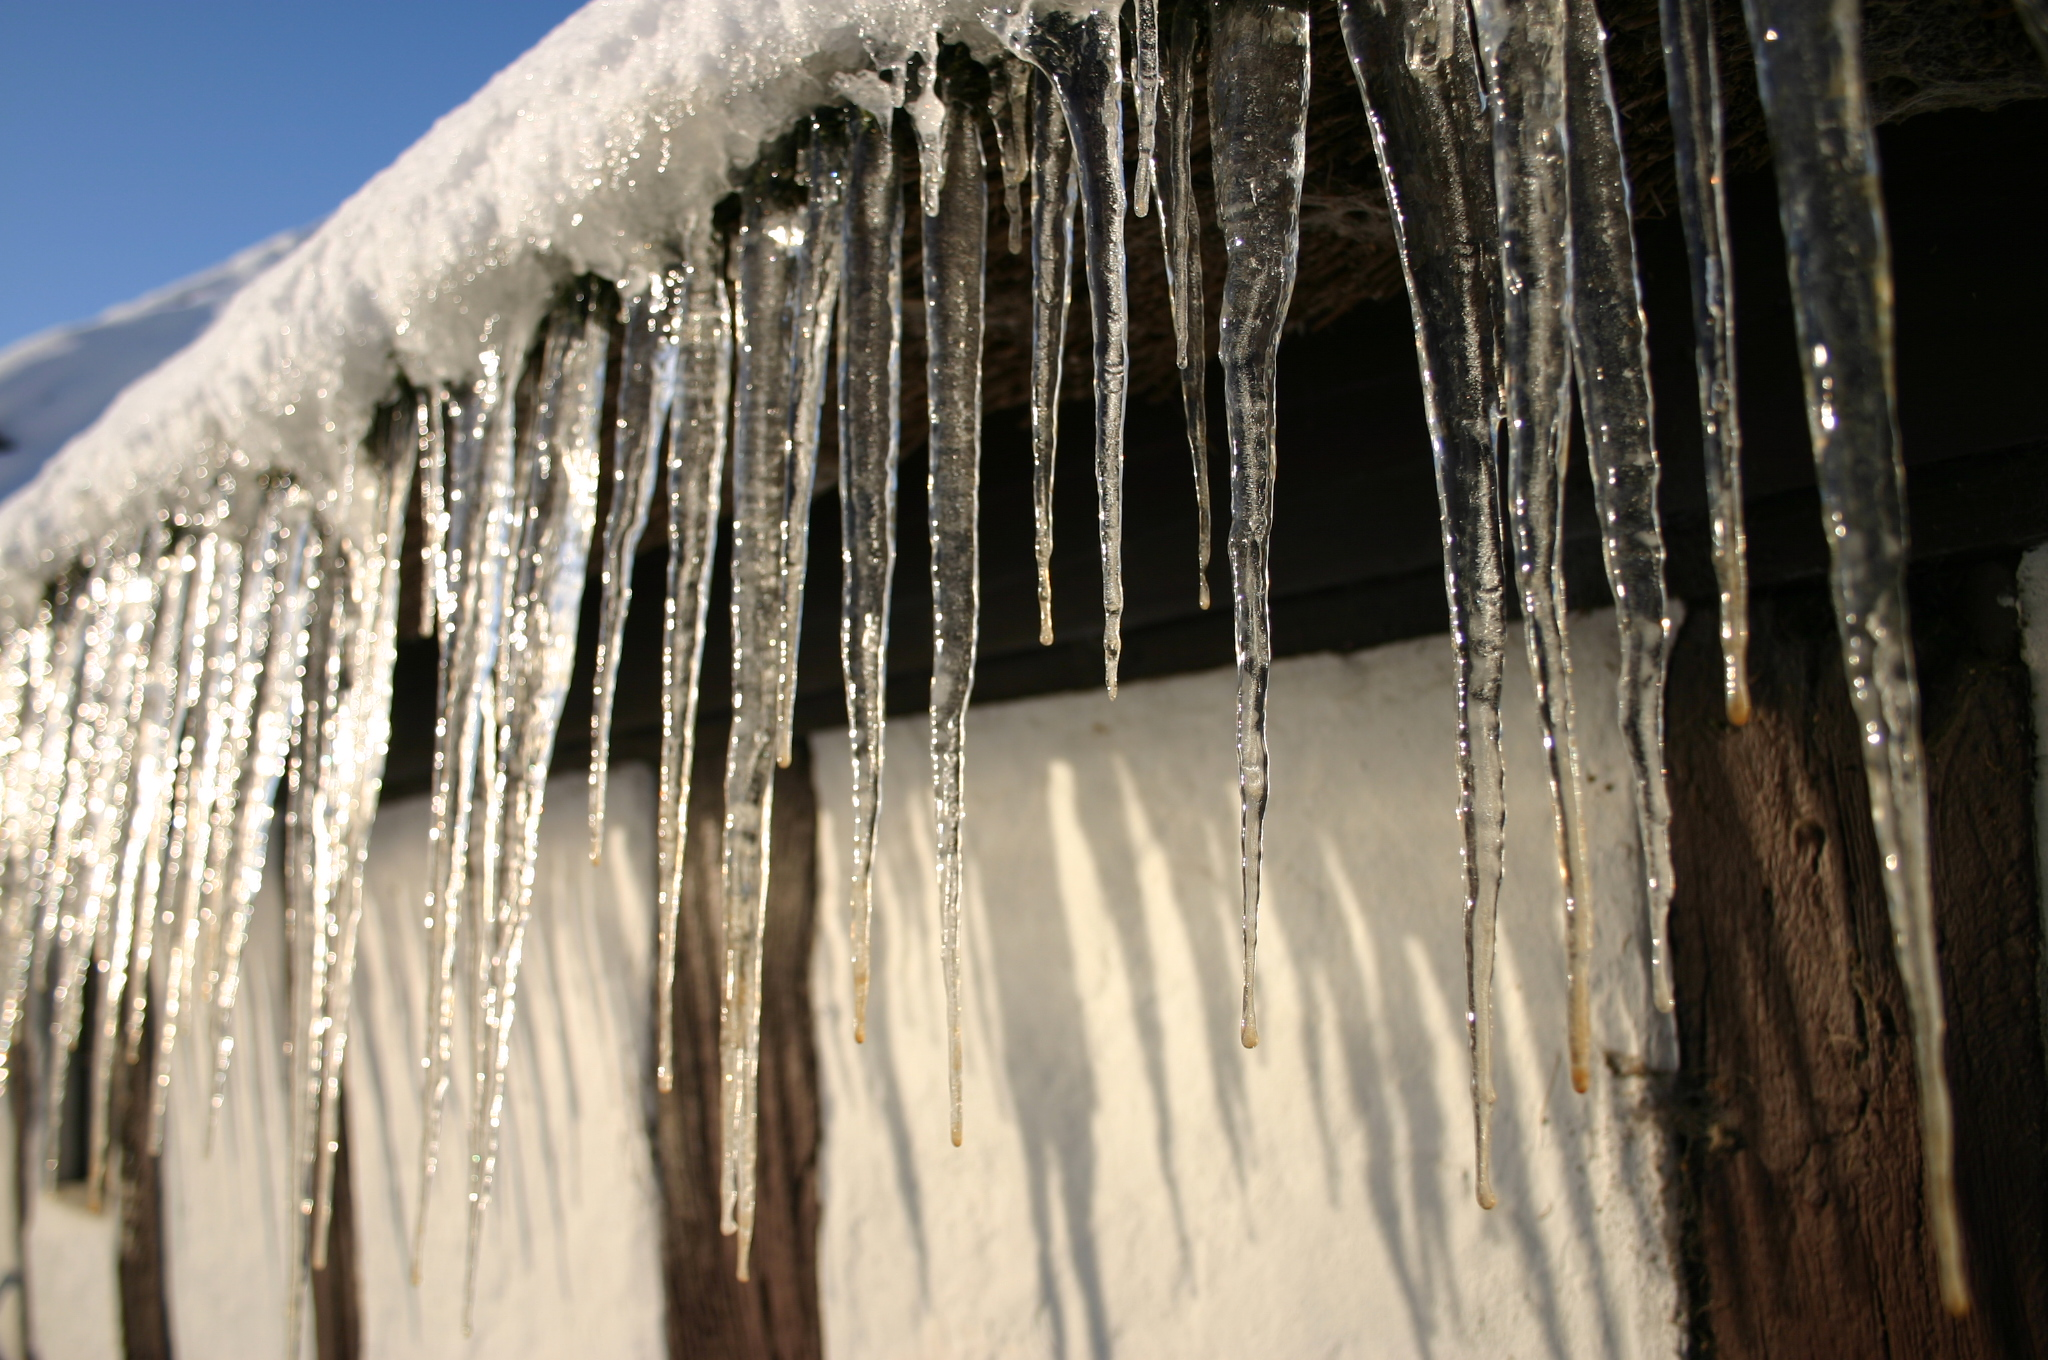 Začíná zima. Pozor na úrazy! Hlavně před vaším domem